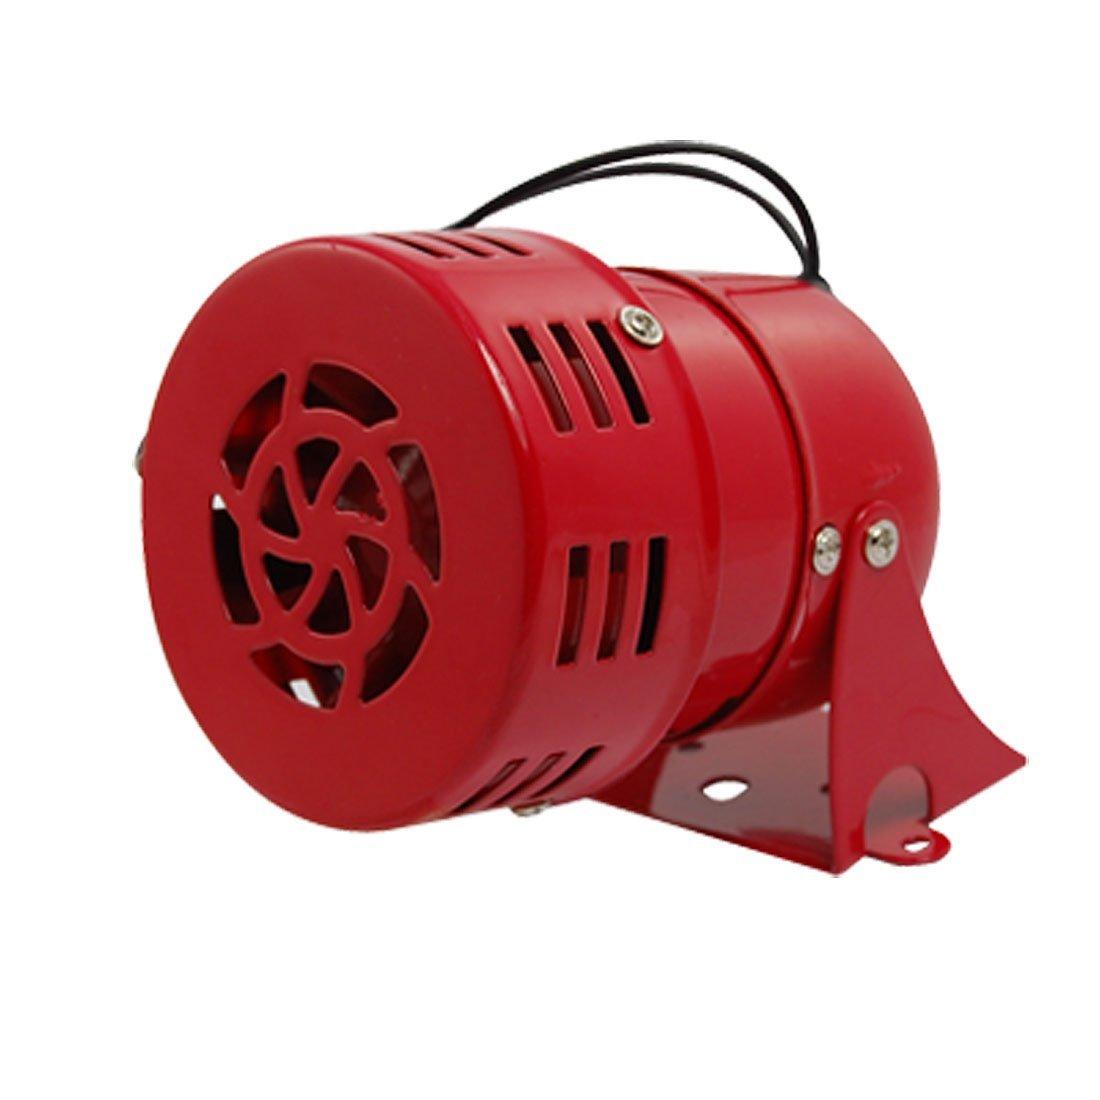 Cikuso AC 220V Rojo Metal Motor Impulsado Ataque Aereo de Sirena Cuerno de Alarma